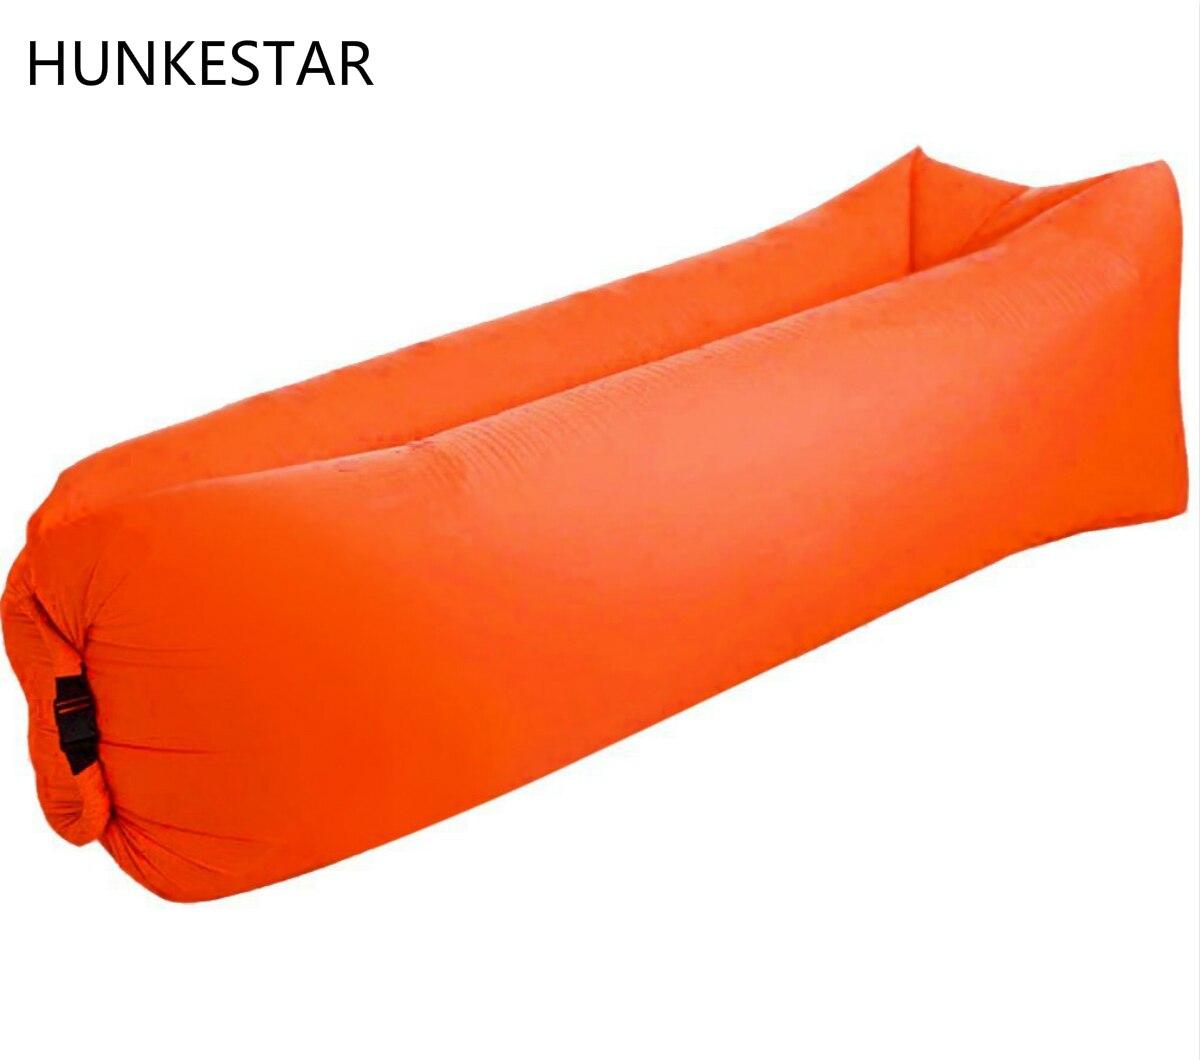 2018 притон мешок ленивый бездельник Air диван площадь ленивый надувной шезлонг сверхлегкий спальный мешок лайнер Opblaasbare Zitzak Laybag ...